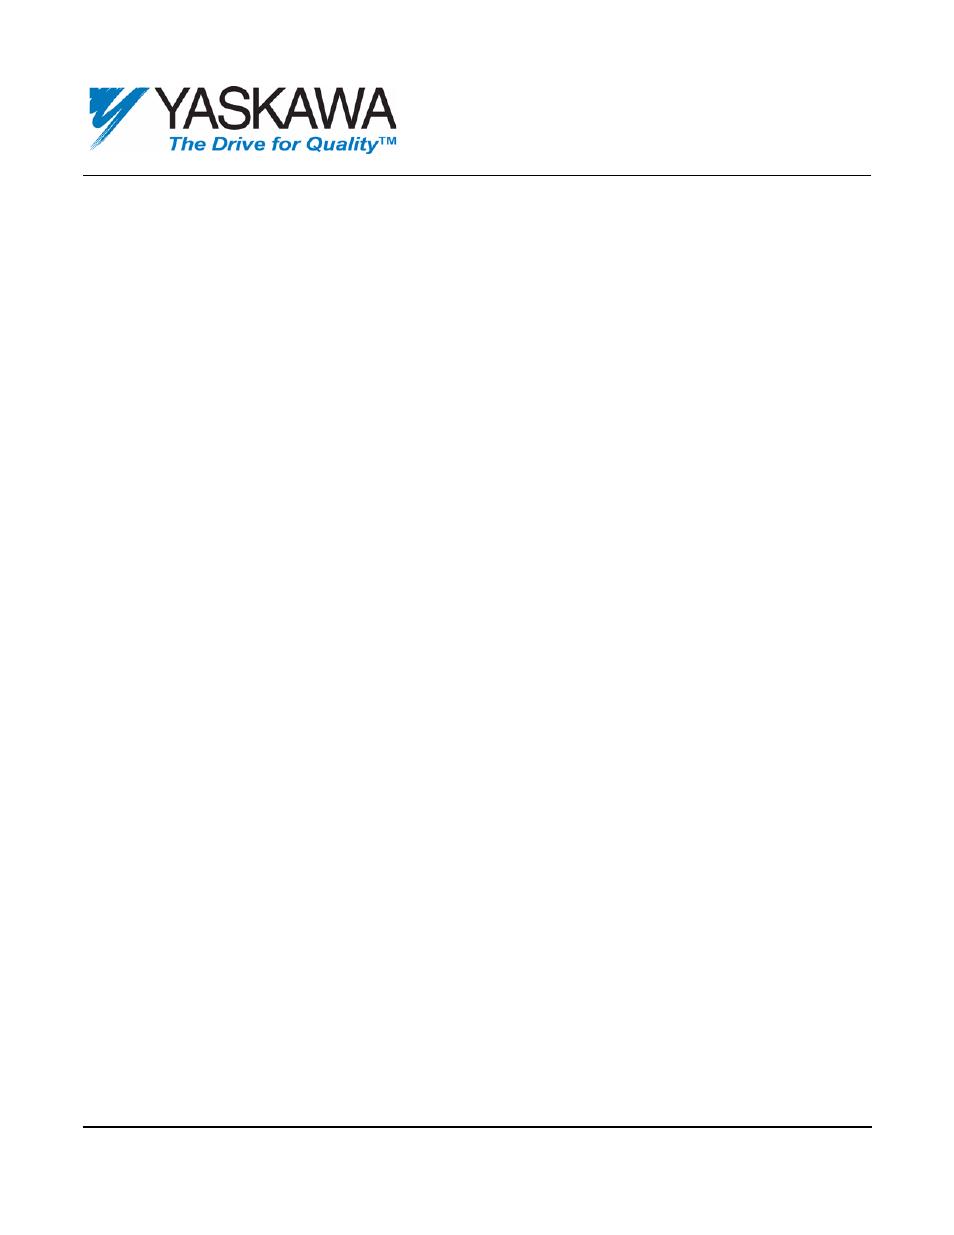 Yaskawa P7 Drives User Manual   7 pages